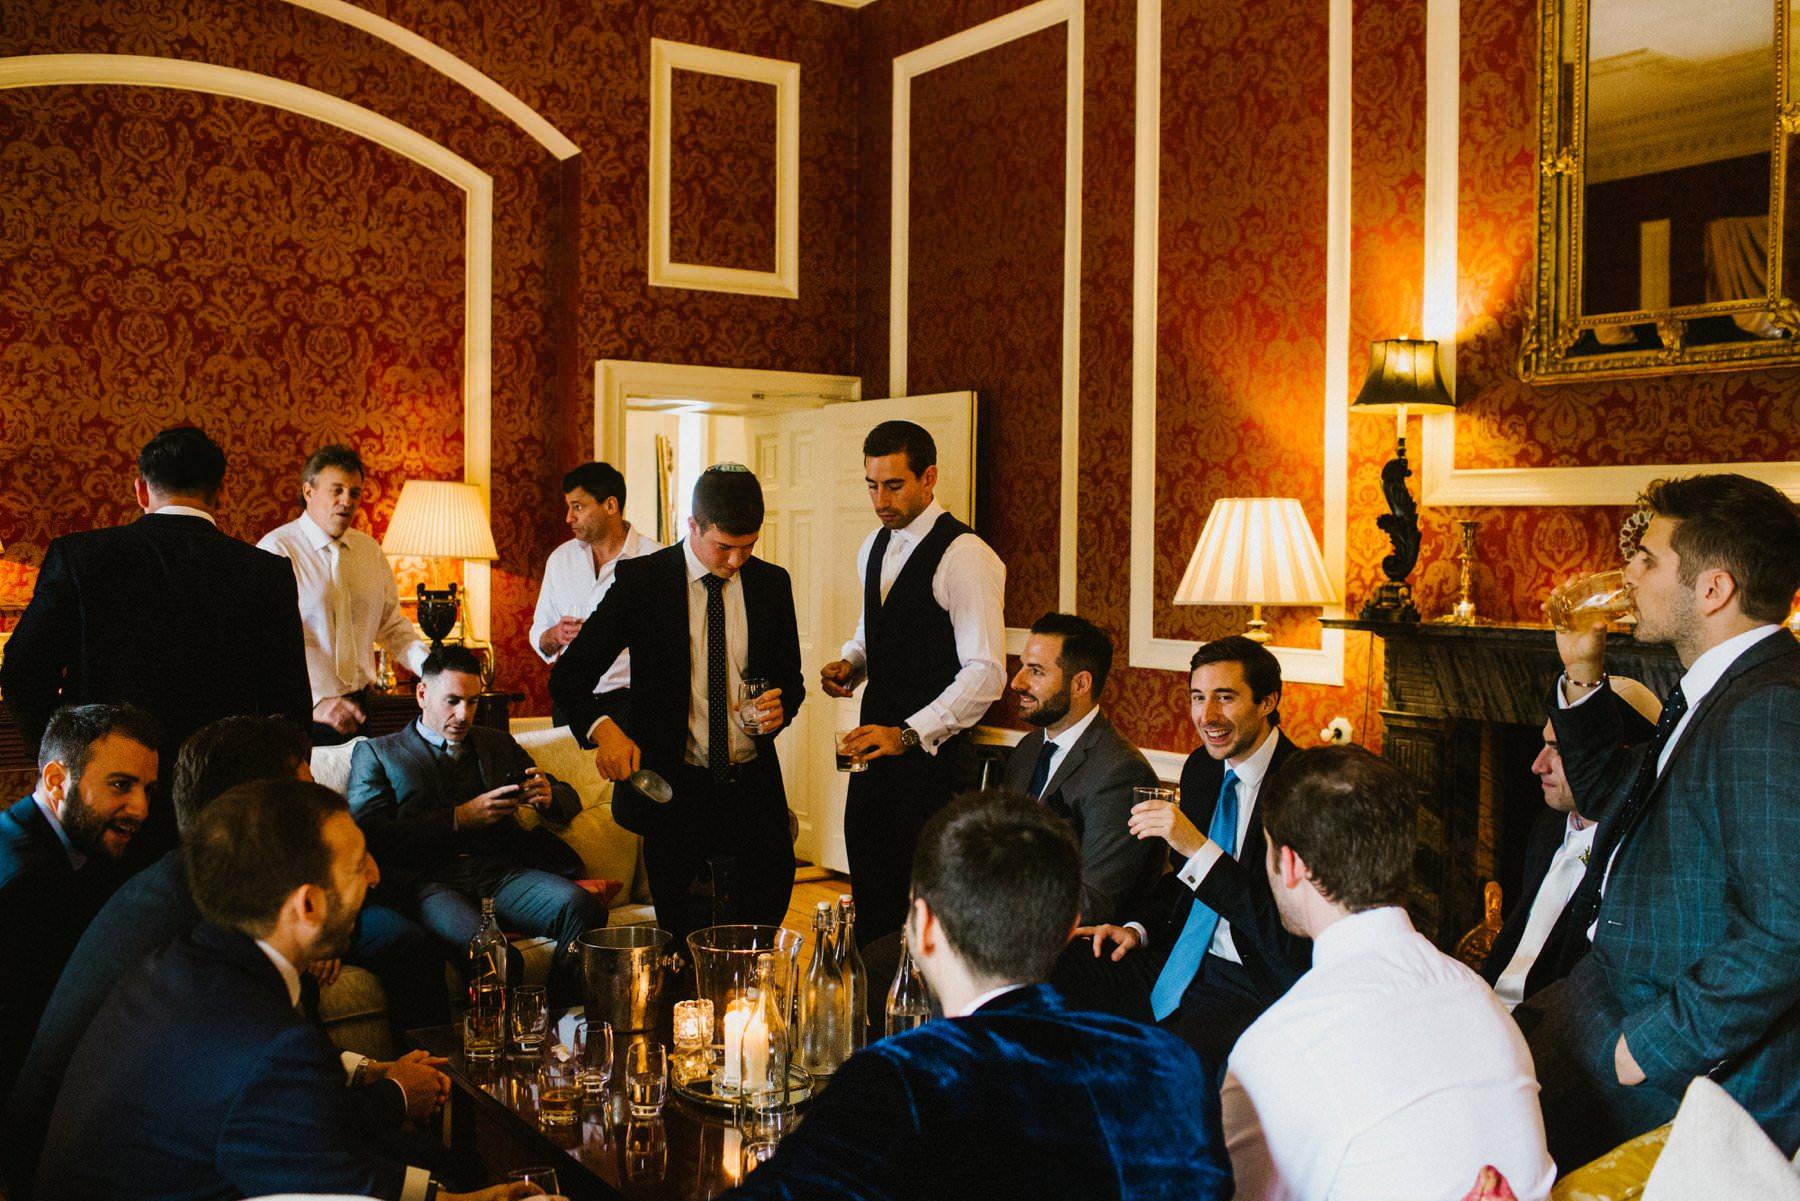 tisch jewish wedding photography ireland